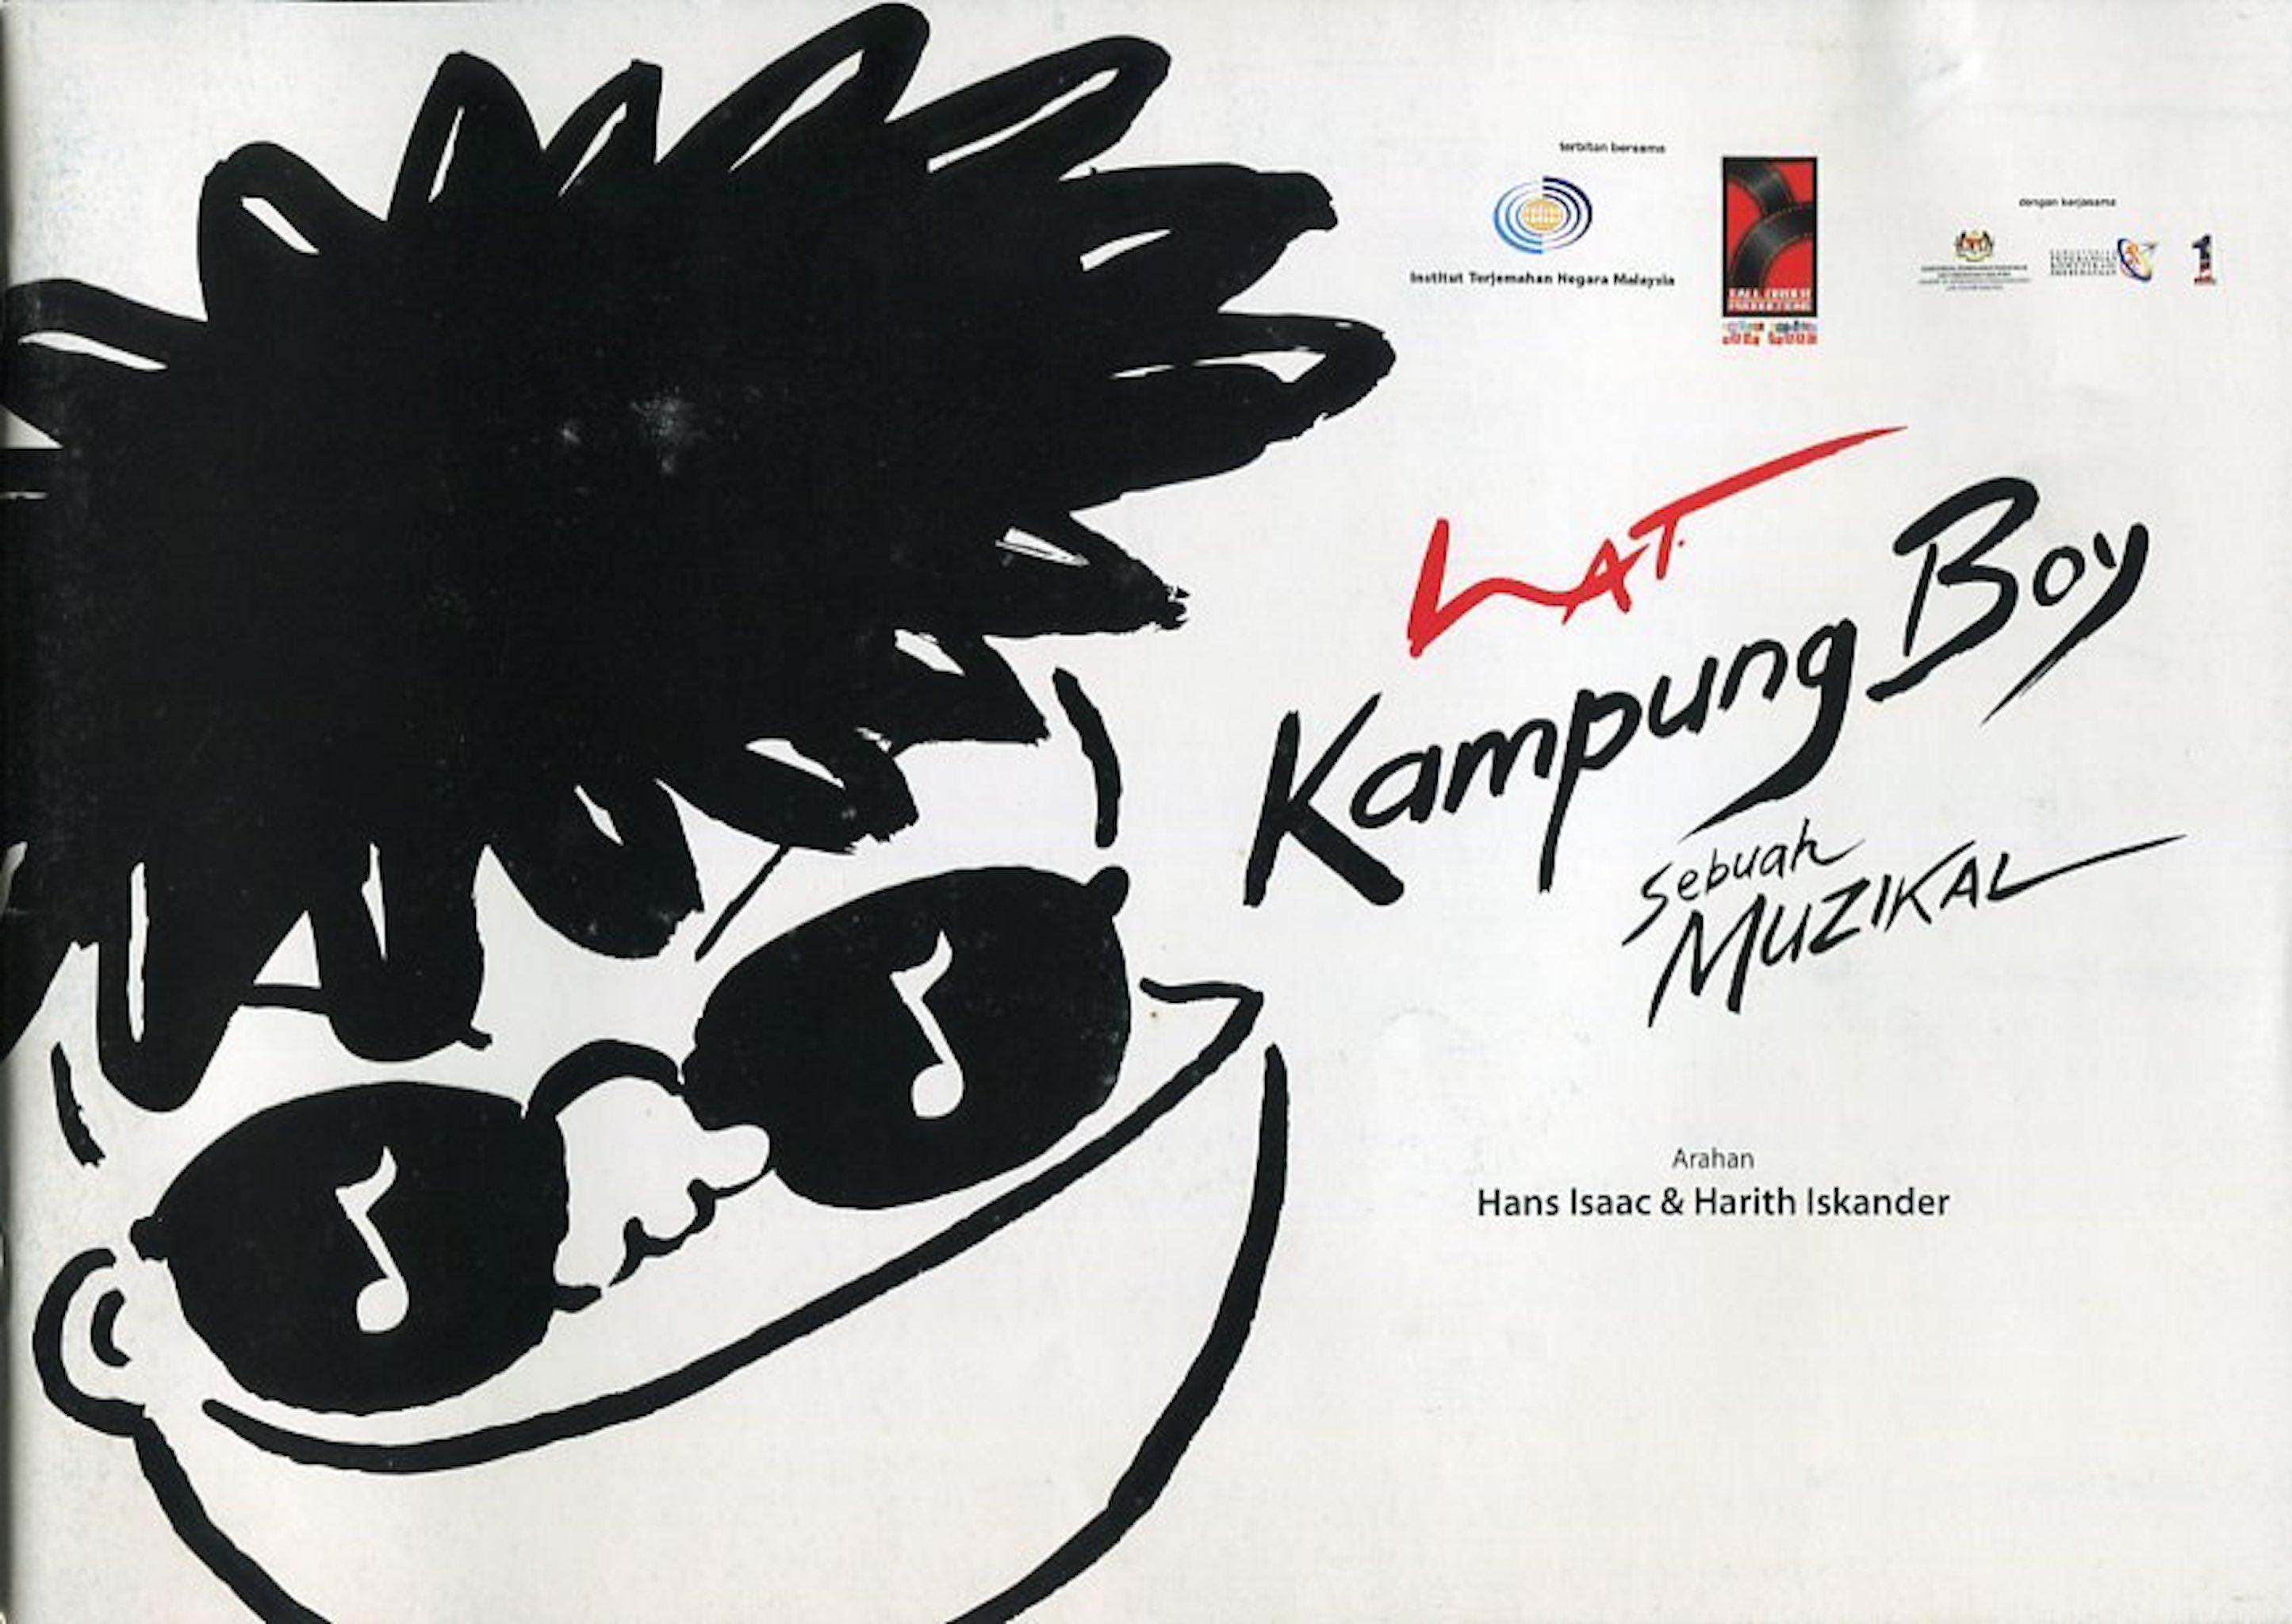 2011 Lat Kampung Boy Sebuah Muzikal cover